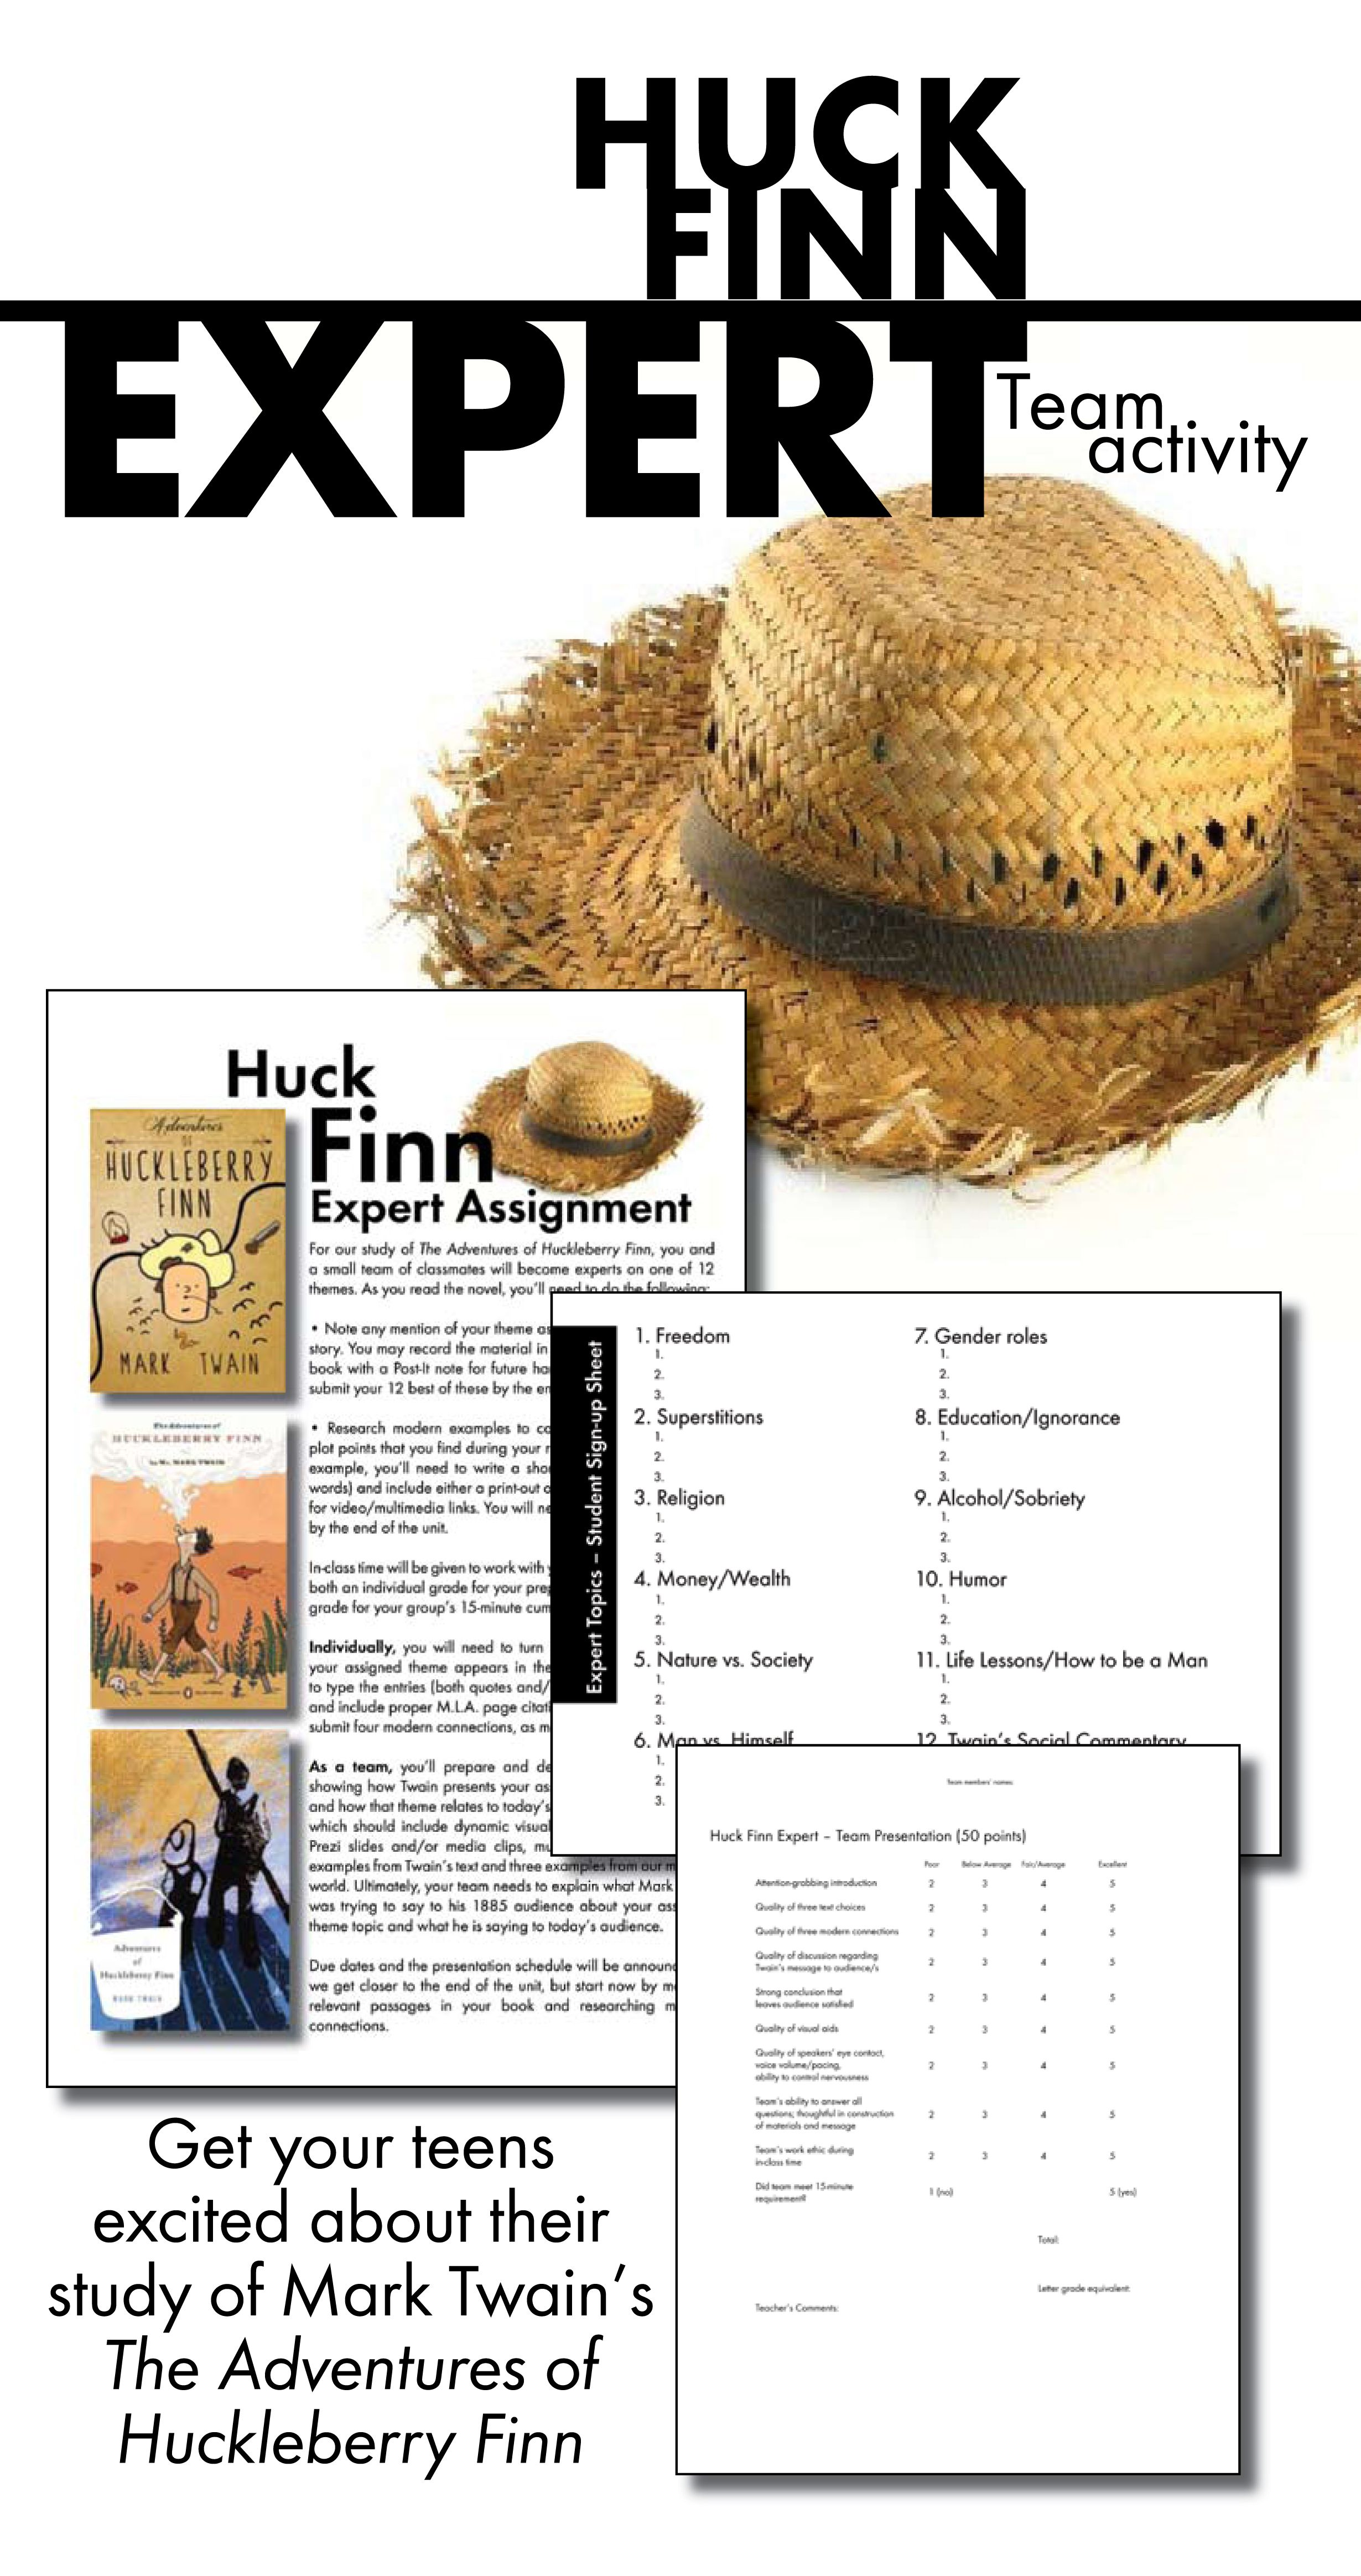 Huck Finn Team Activity Use Mark Twain S Themes To